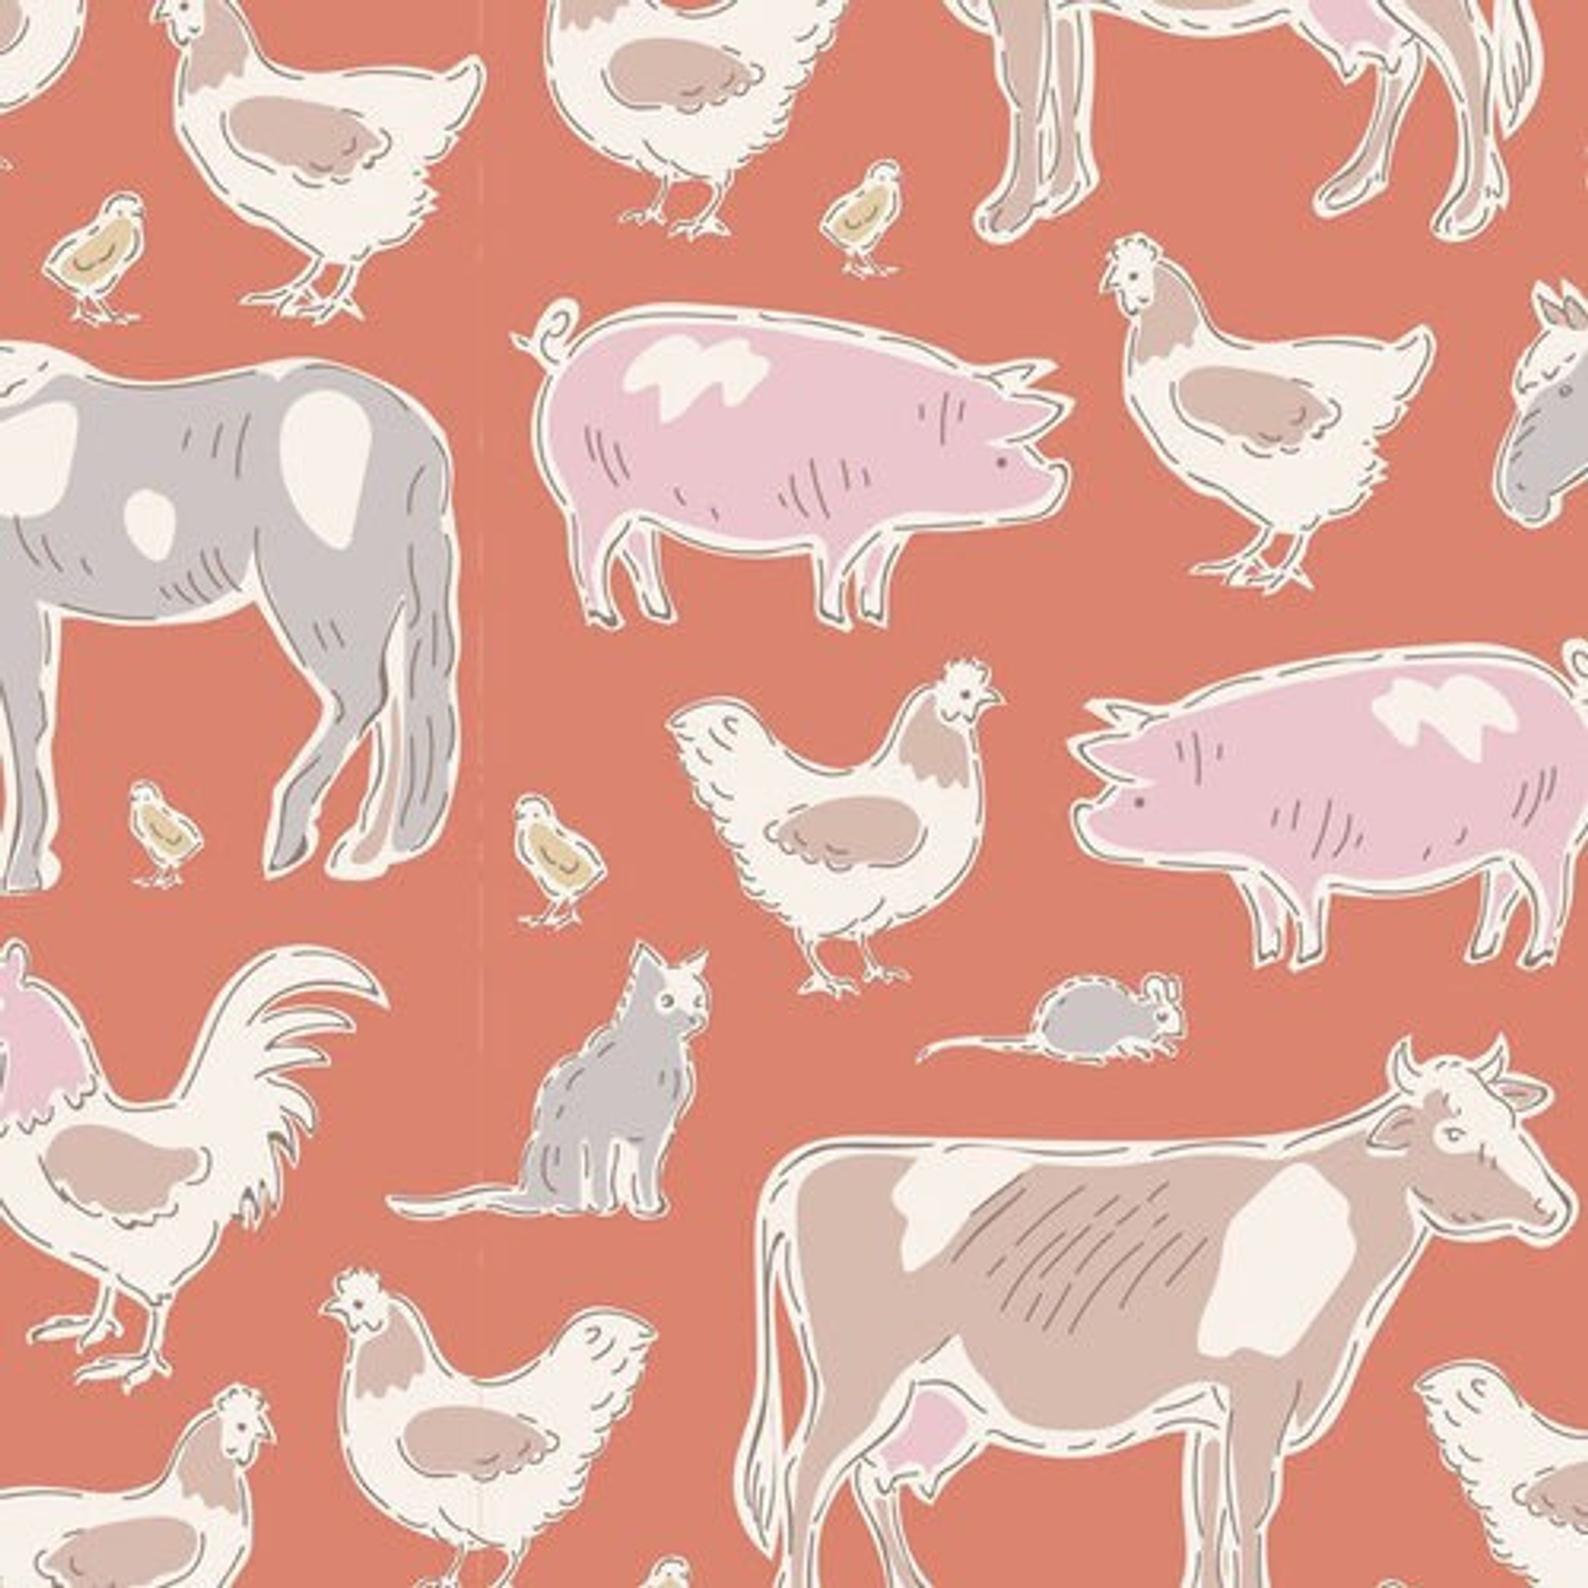 Farm Animals Ginger - Tiny Farm